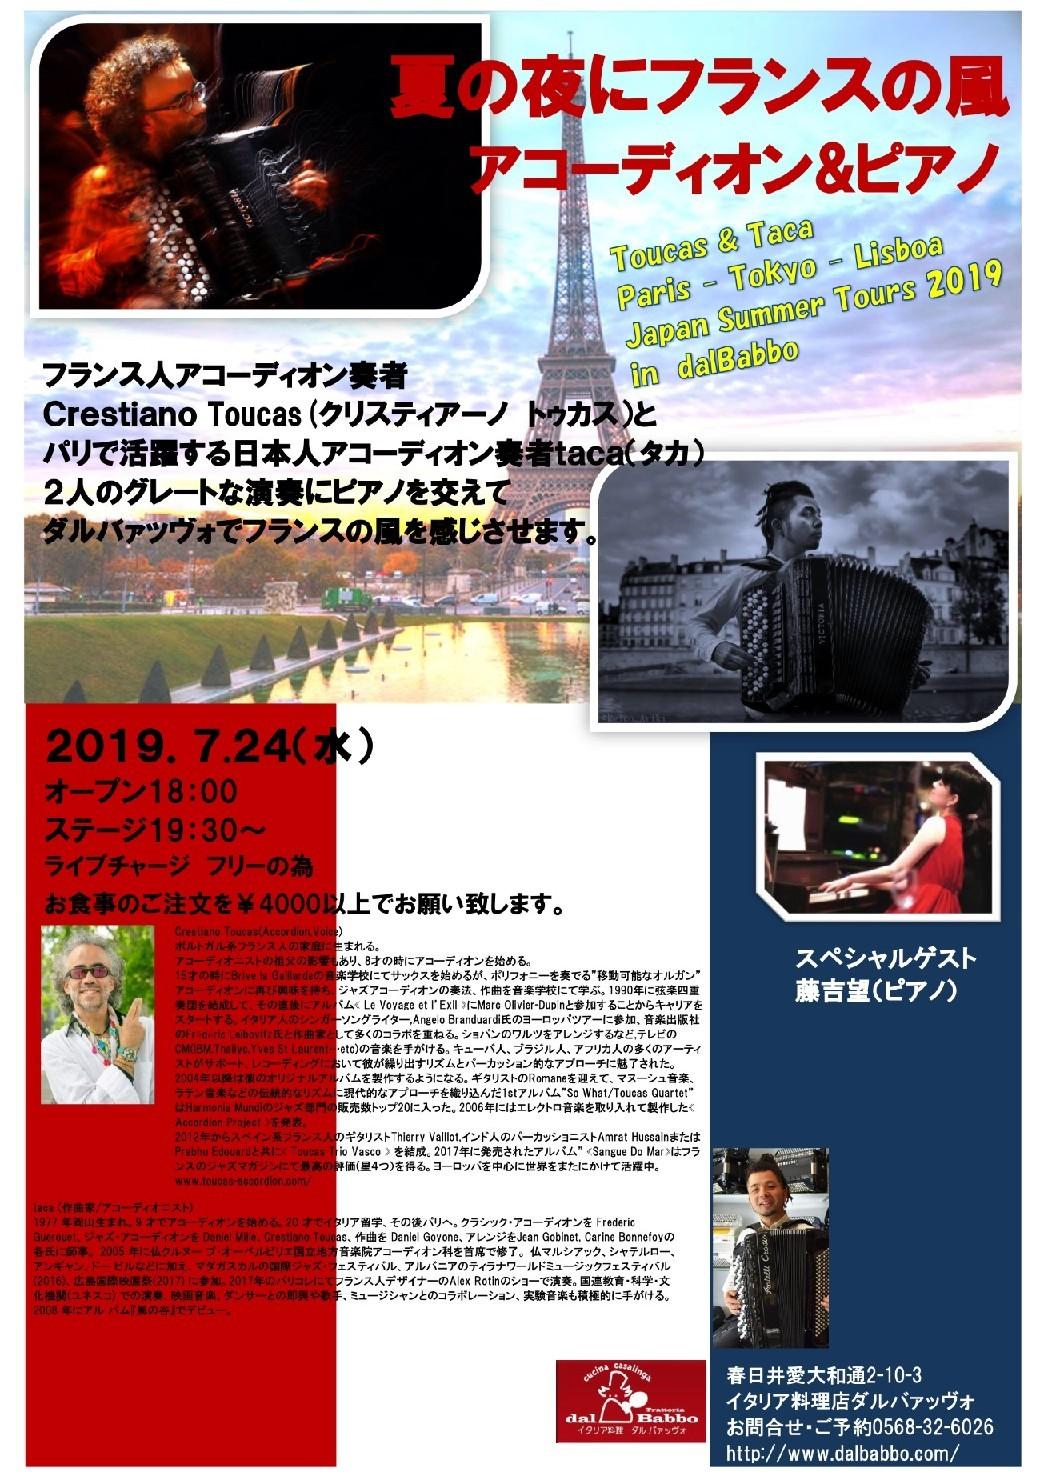 CrestianoToucas & taca JapanTour \'2019 with guest NozomiFujiyoshi _c0315821_16363674.jpg